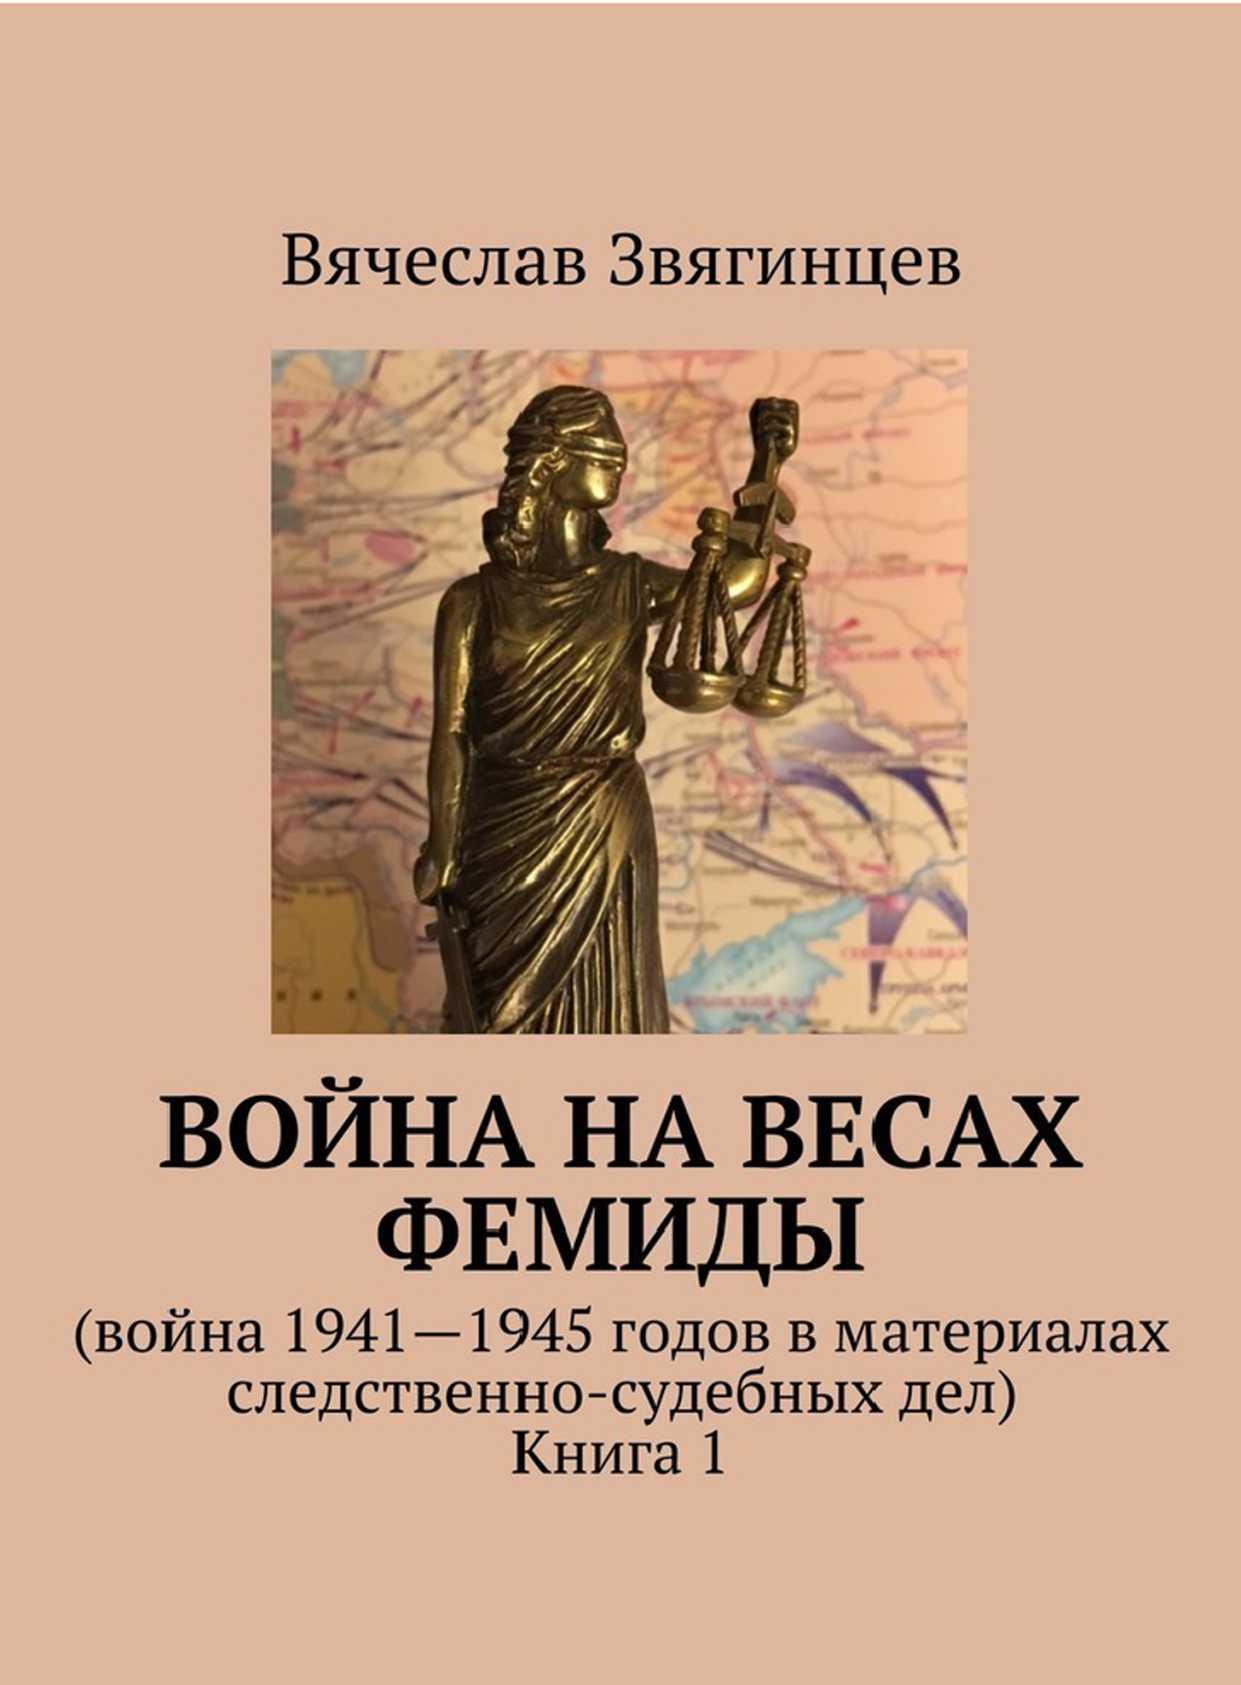 Война навесах Фемиды. Война 1941—1945гг. вматериалах следственно-судебныхдел. Книга1